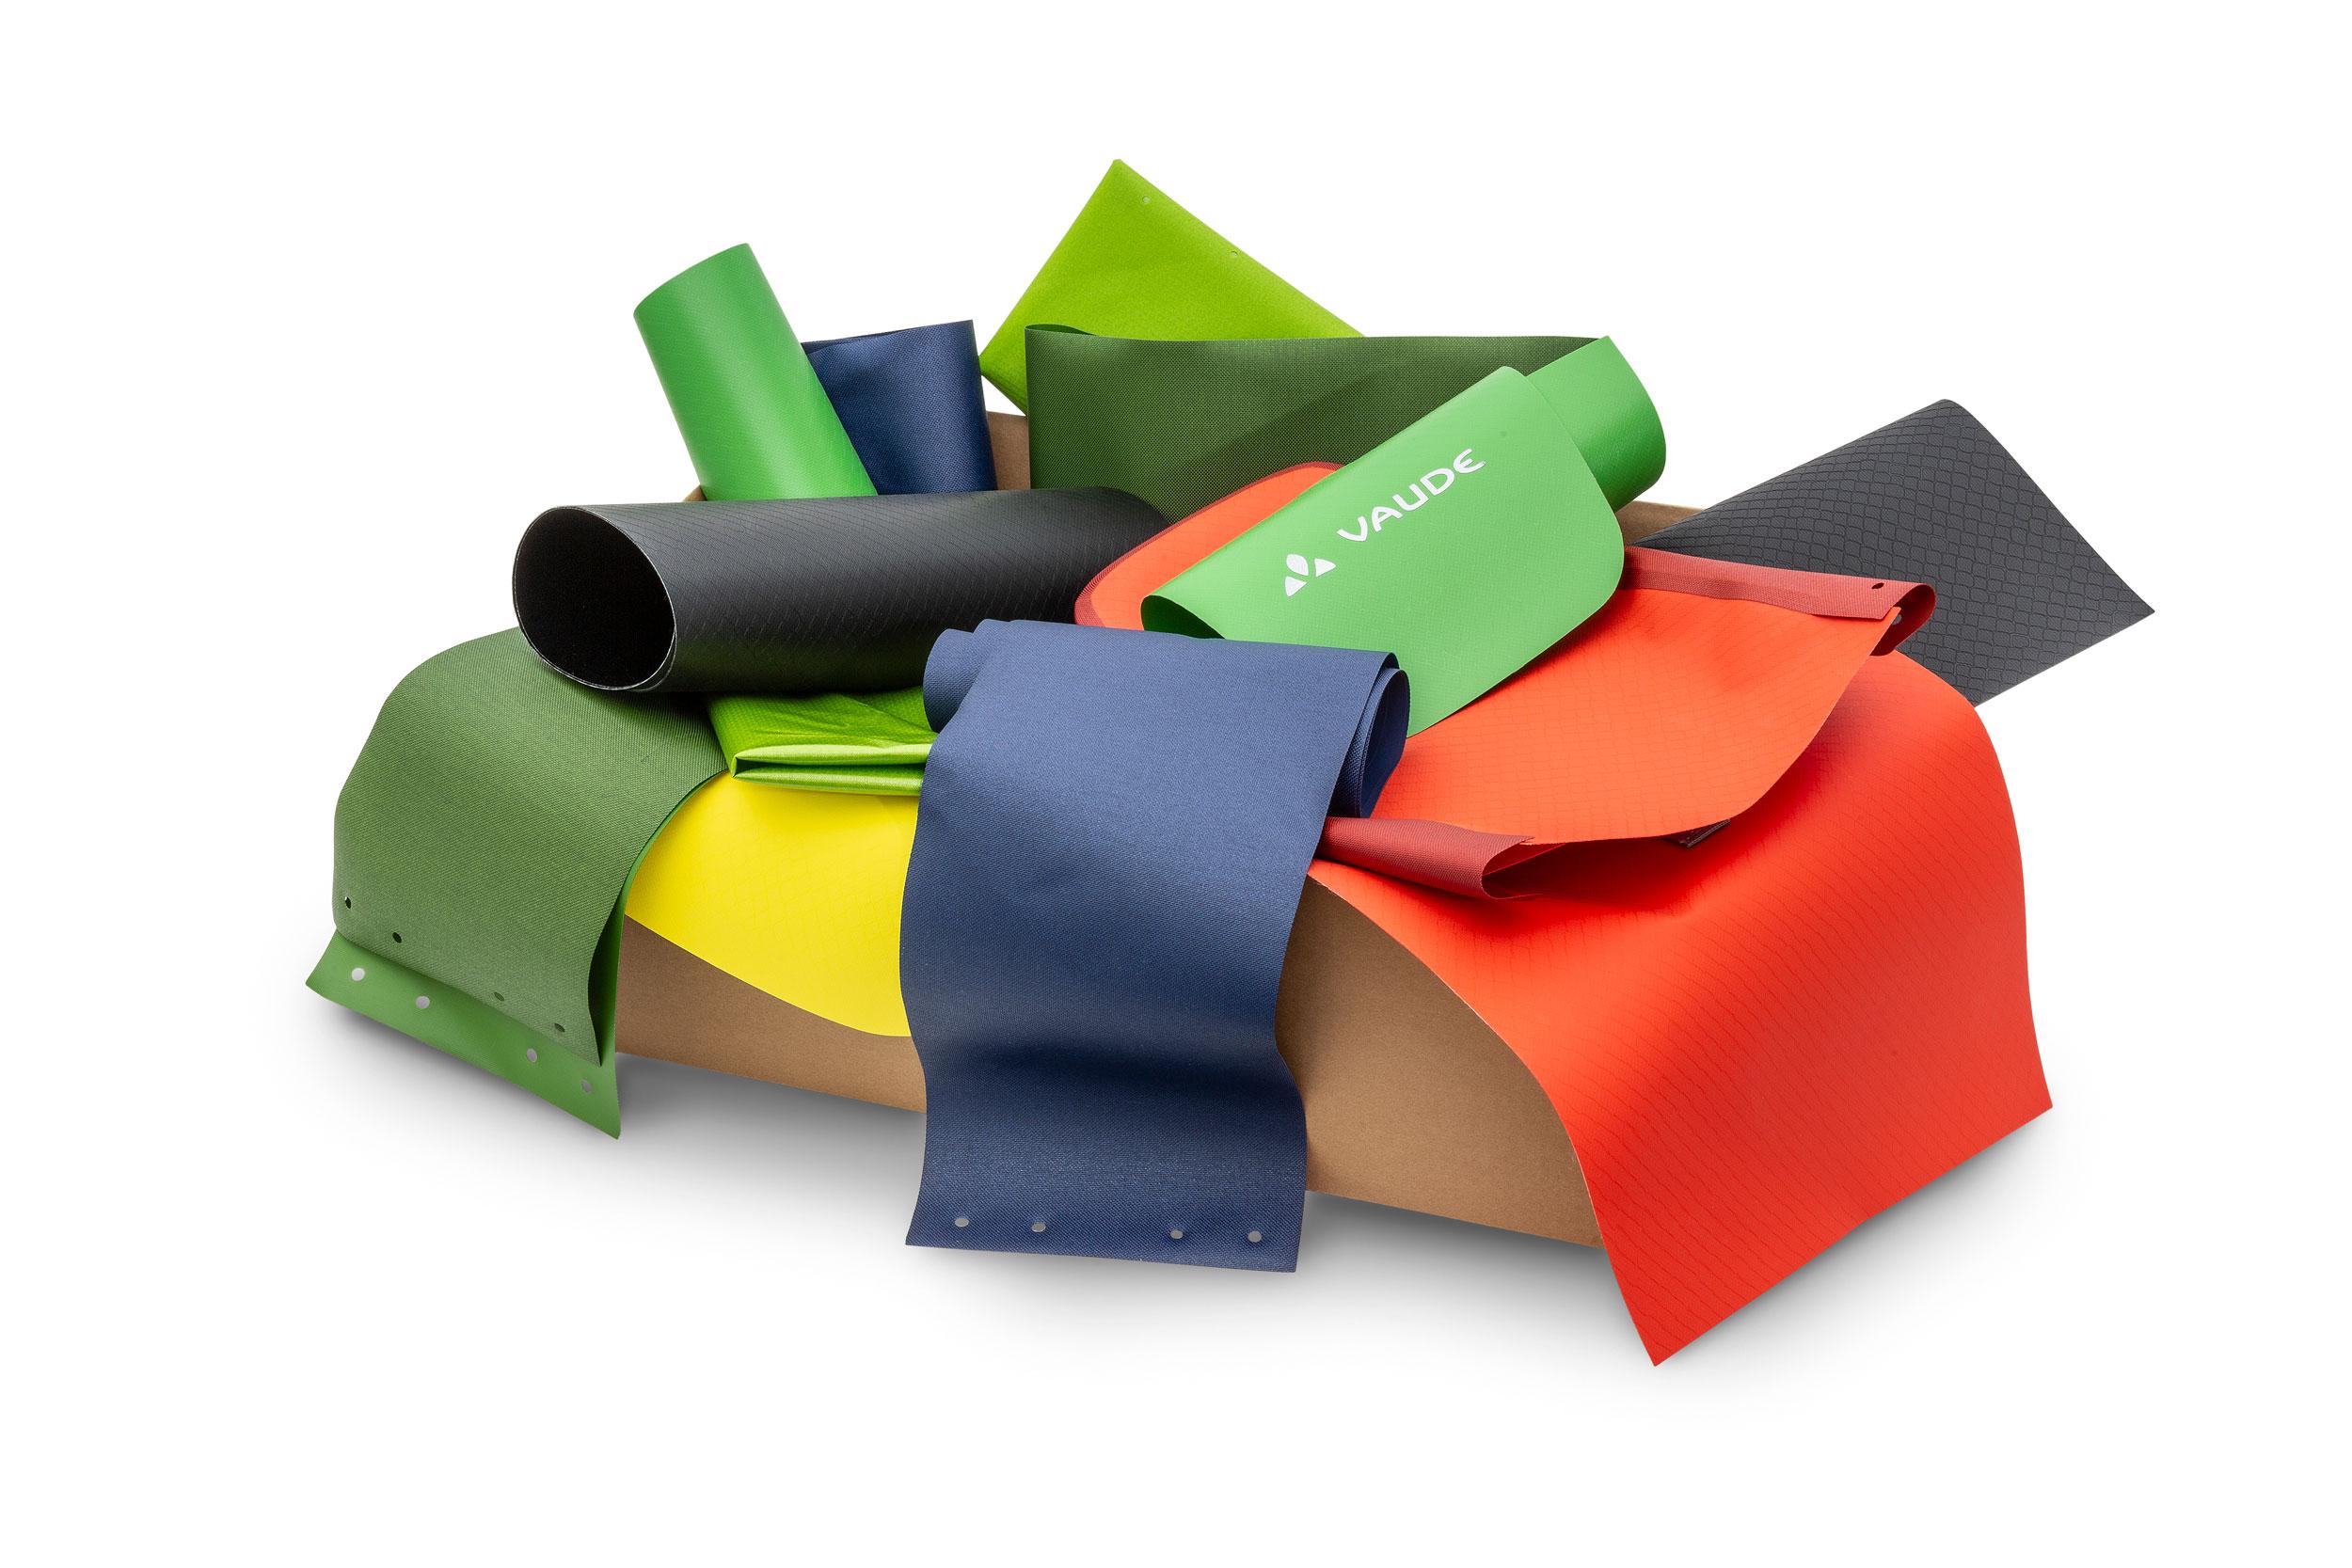 Einfach Upcycling: Vorgepackte Kisten mit bunt gemischten Reststoffen von VAUDE ersteigern.